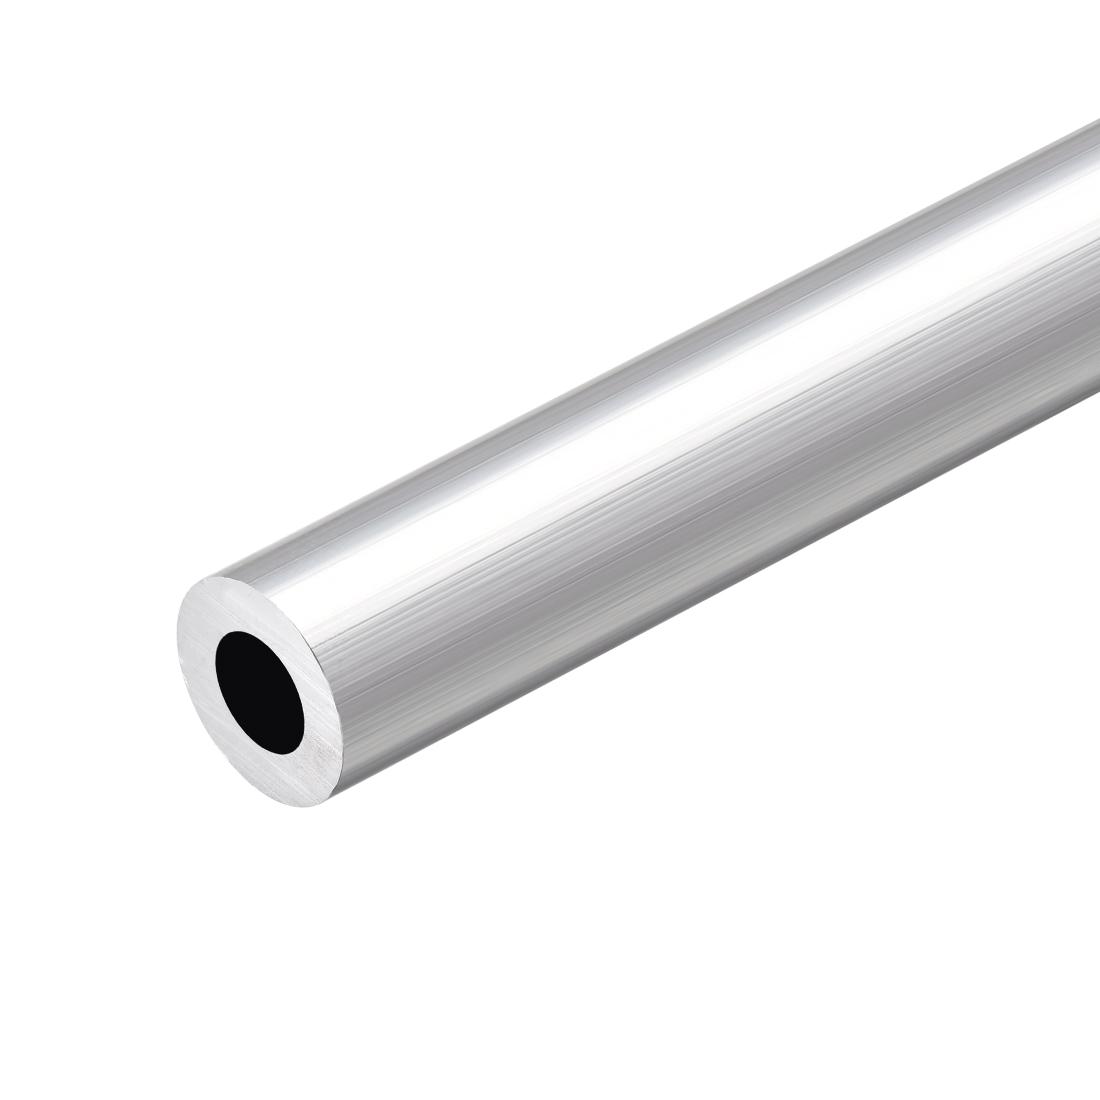 6063 Aluminum Round Tube 300mm Length 19mm OD 11mm Inner Dia Seamless Tubing